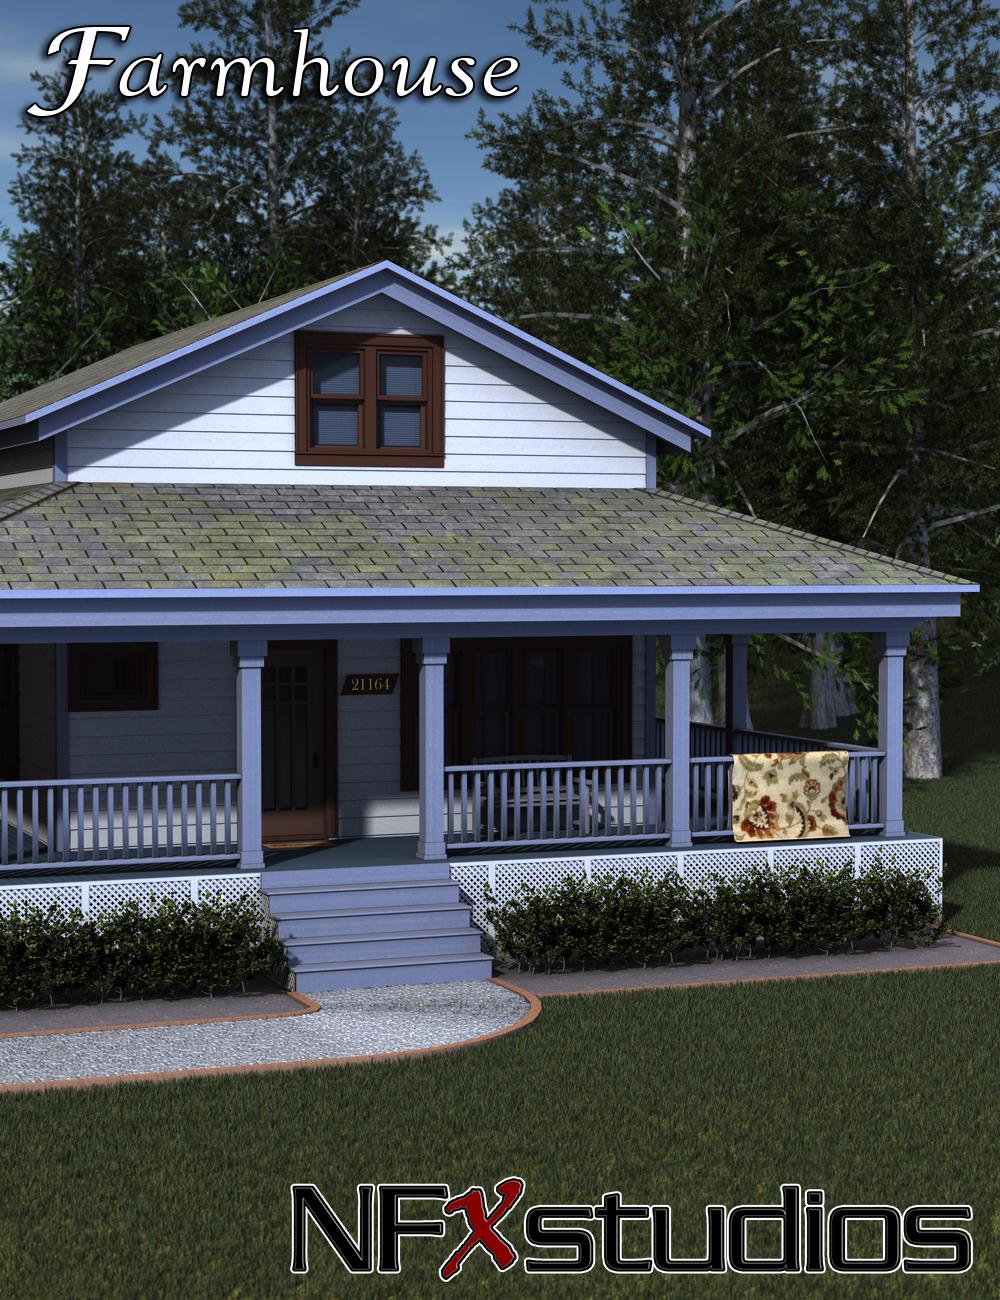 NFXstudios Farmhouse by: Collective3d, 3D Models by Daz 3D